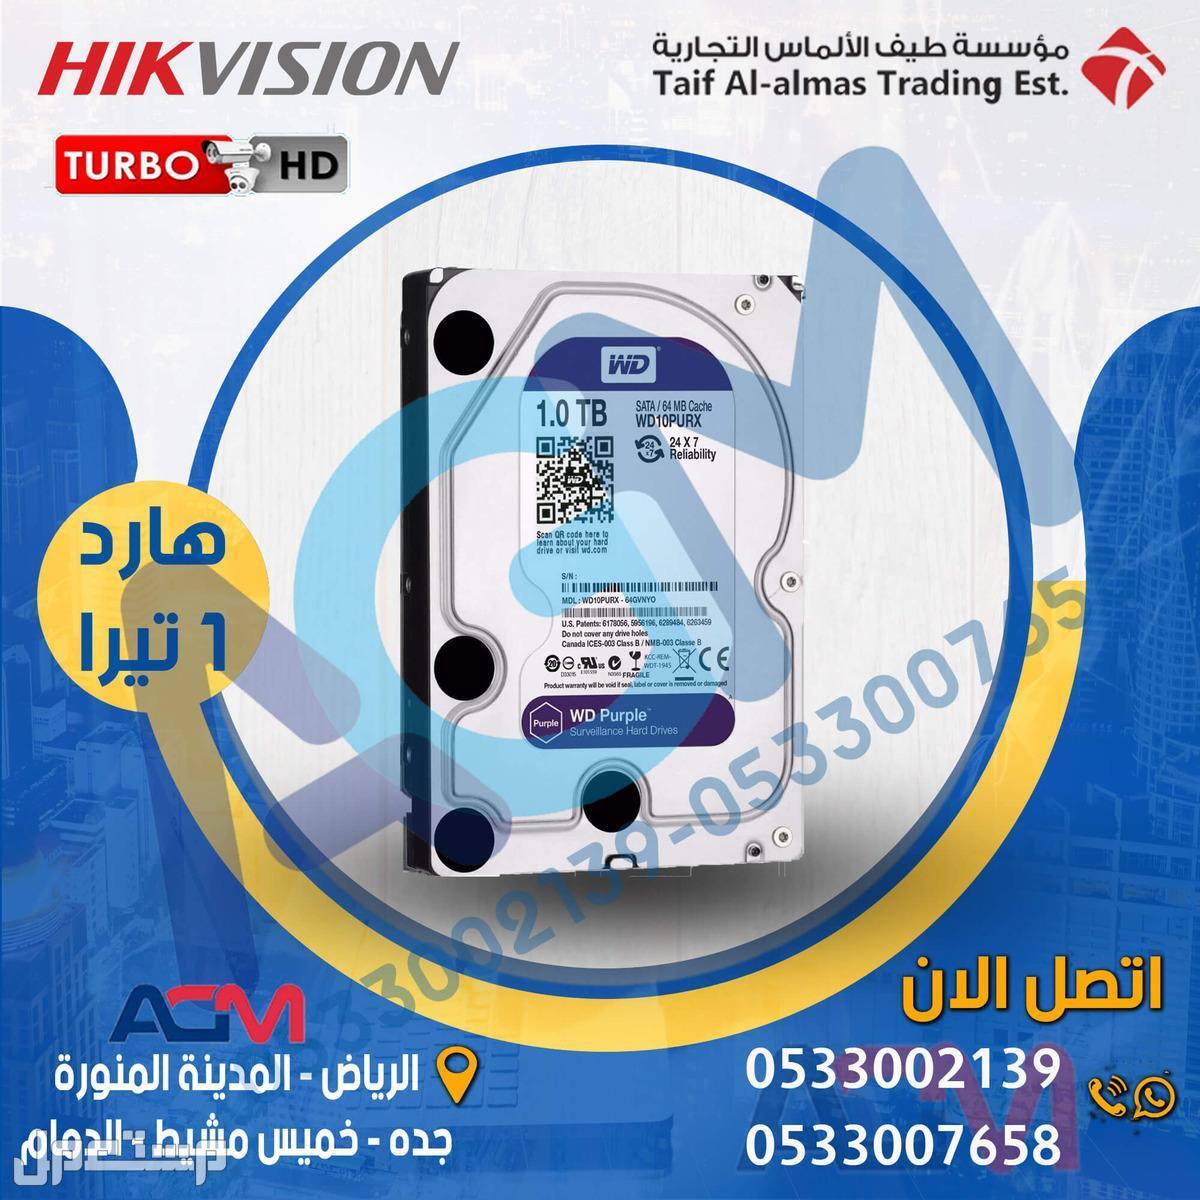 كاميرات مراقبه 2 ميجا hikvision هيك فيجين للمحلات والشركات للبلدية